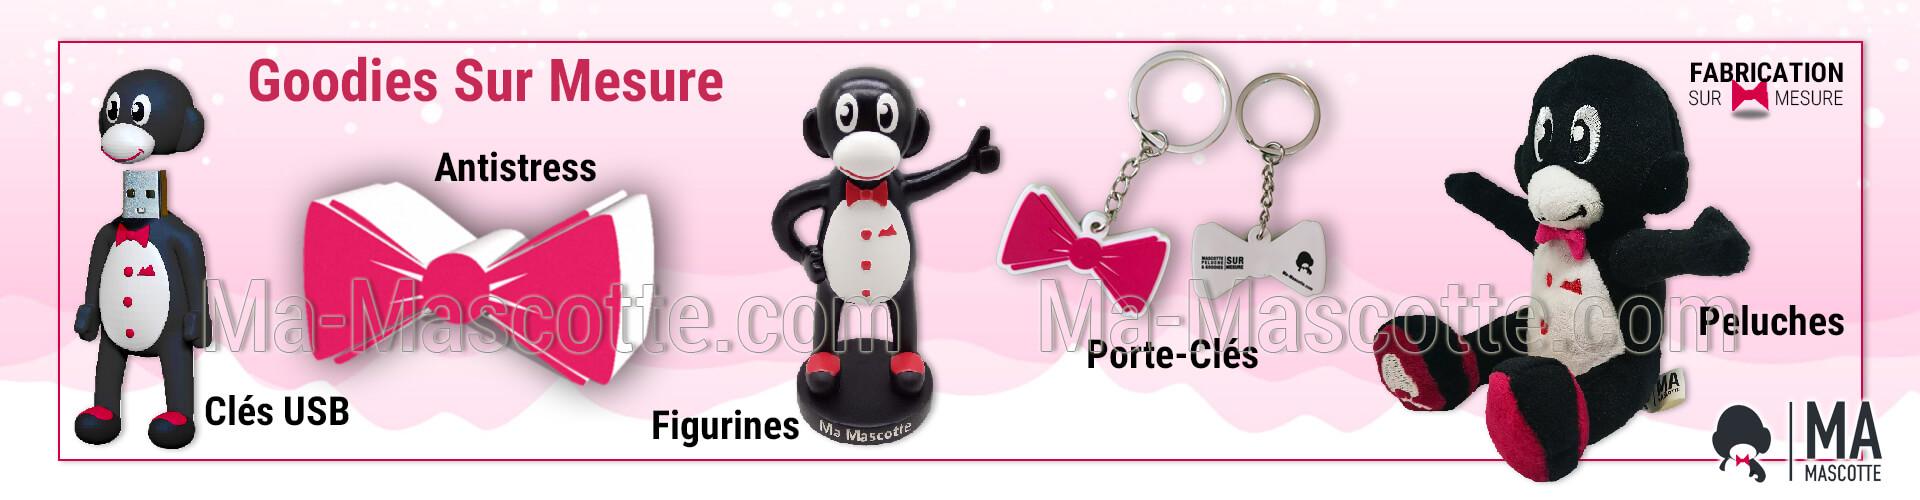 Fabrication goodies sur mesure. Objets publicitaires sur mesure: peluche, figurine, porte-clés, antistress, clés USB, statue.